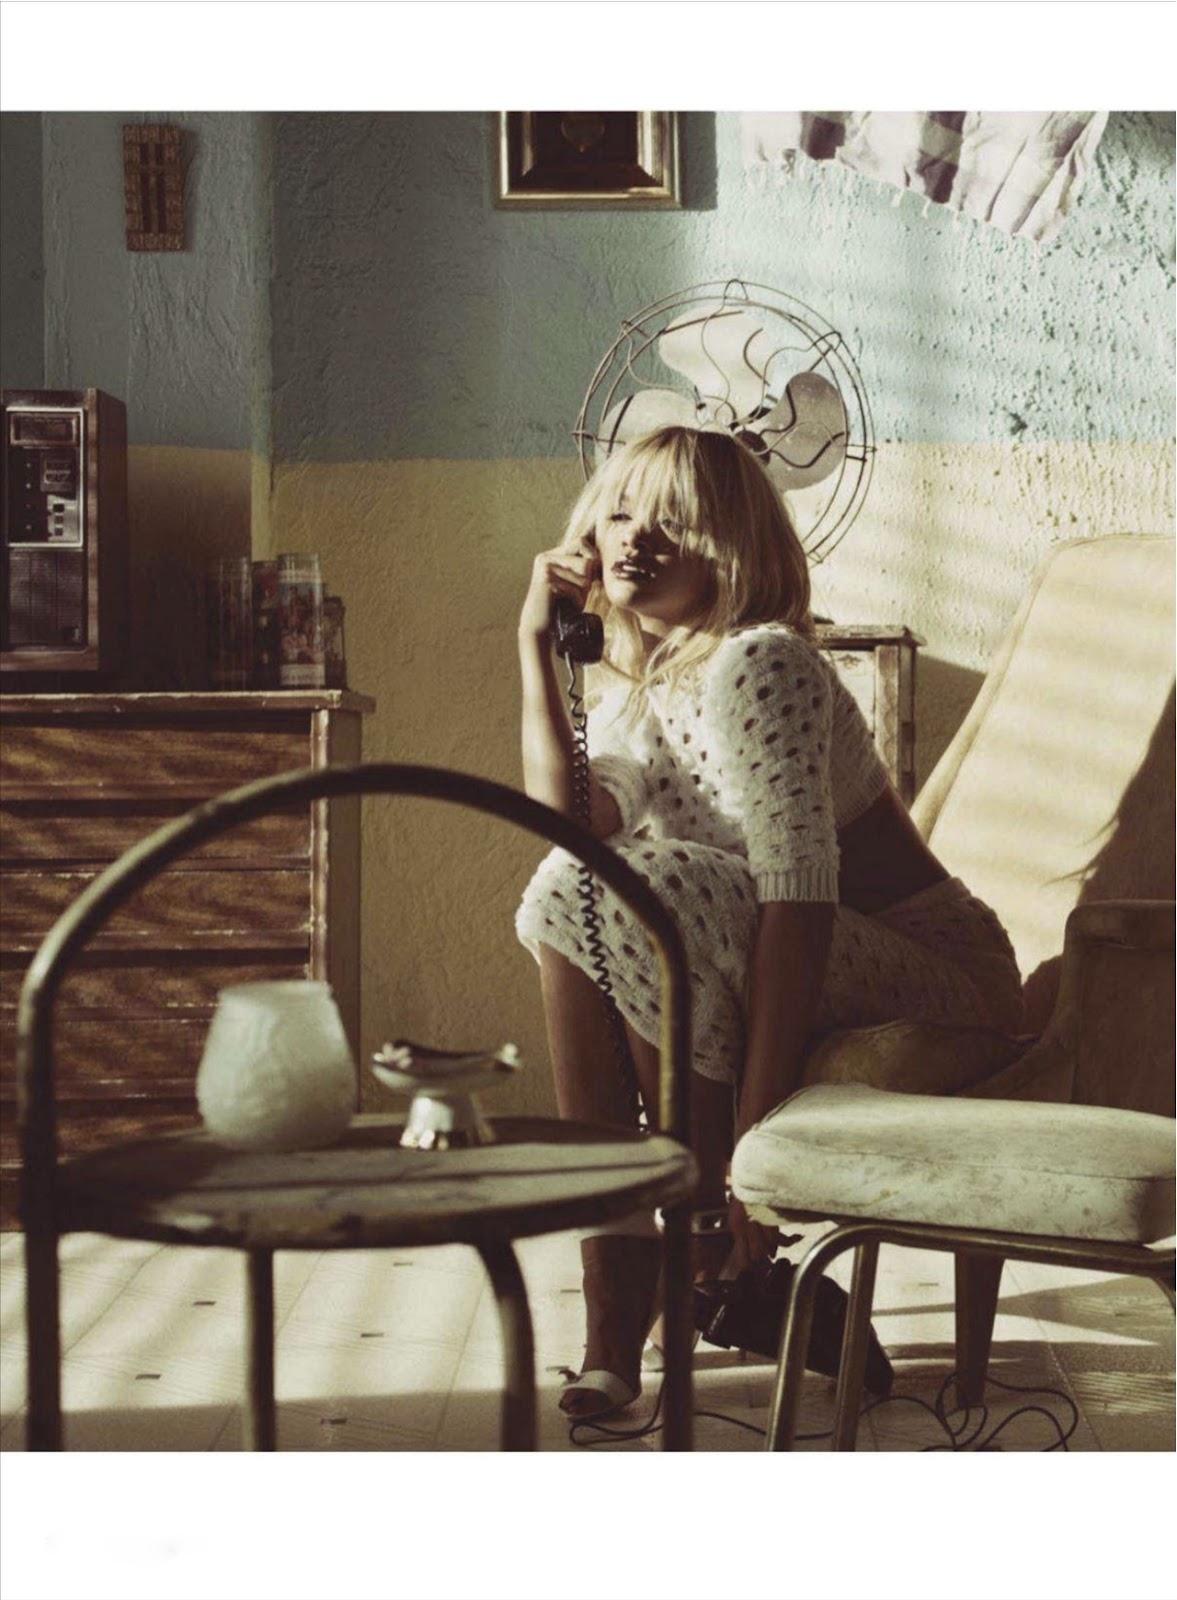 ... ao telefone, sentiu-lhe a respiração e mandou-lhe um beijo...